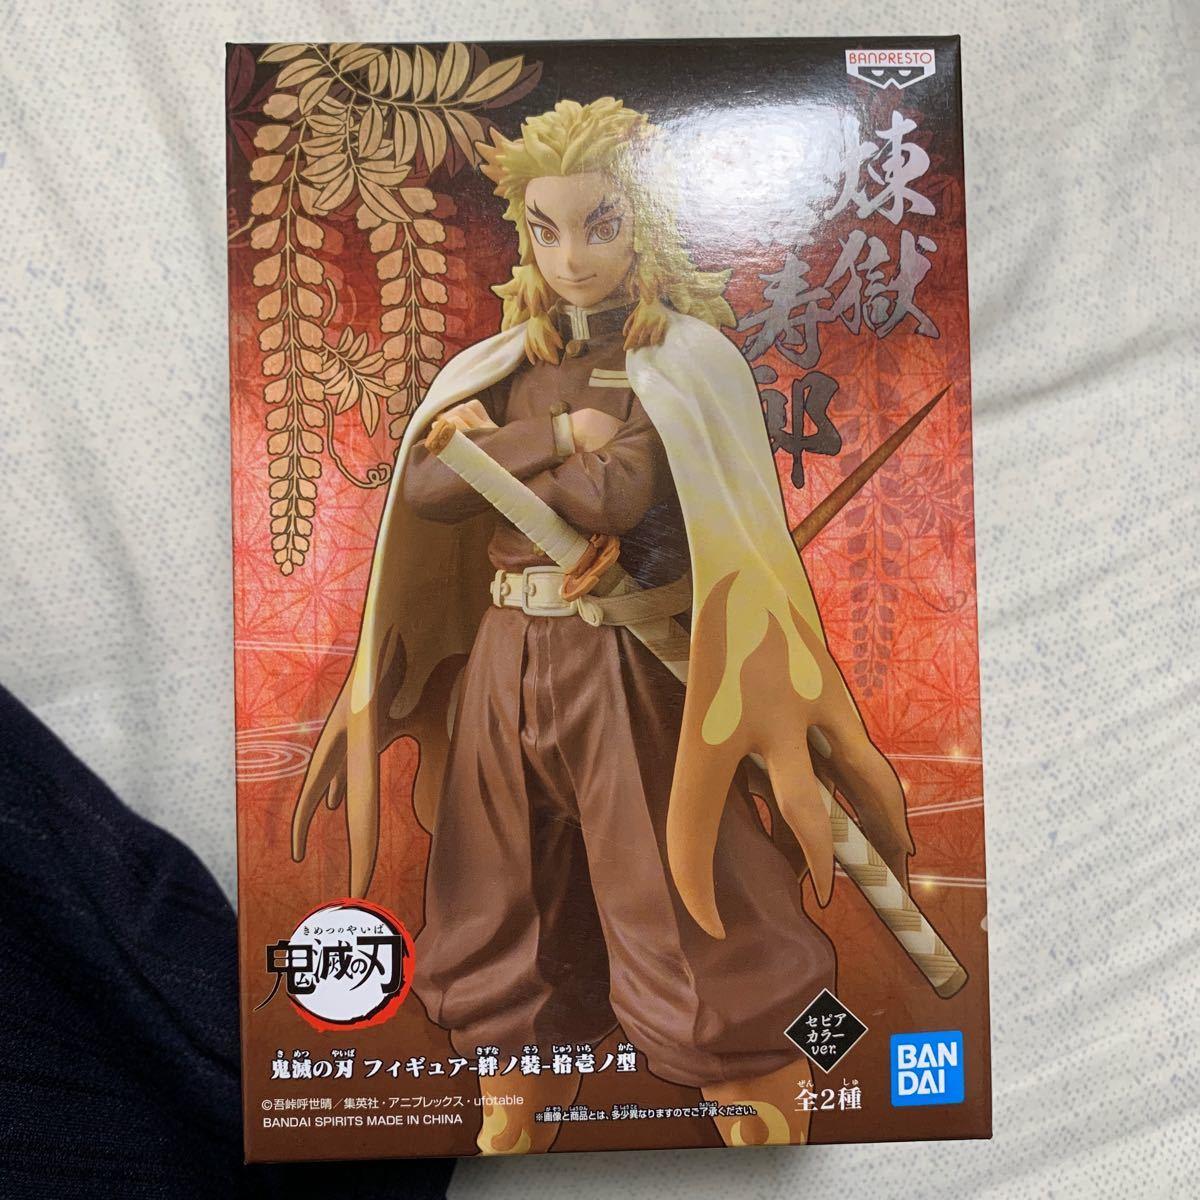 鬼滅の刃 フィギュア 絆ノ装 捨壱ノ型 煉獄杏寿郎 セピアver